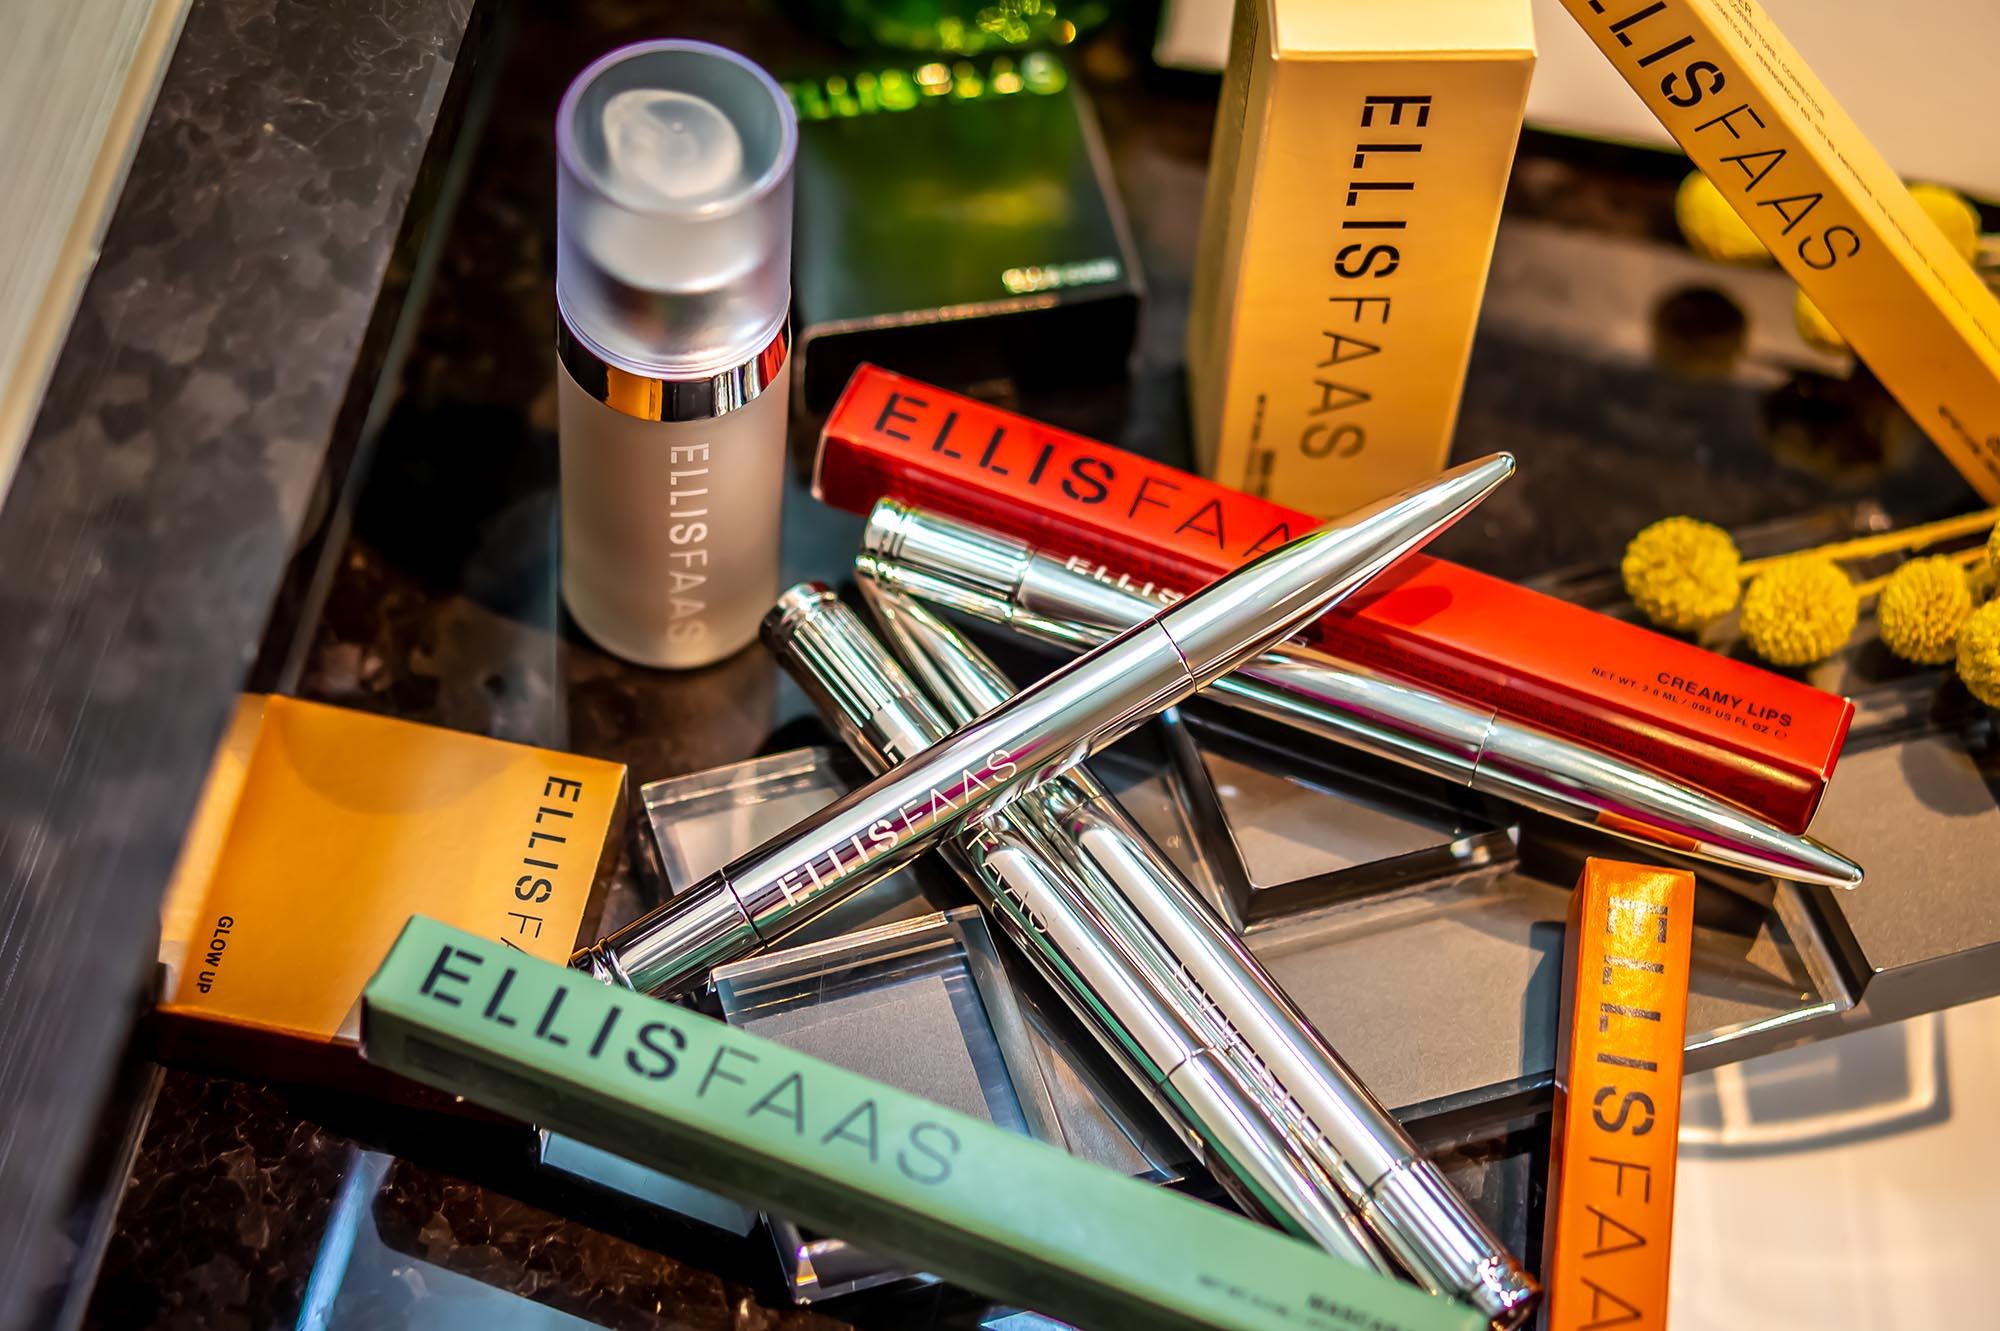 Das perfekte Rot für die Lippen: Ellis Red Creamy Lips Lippenstift von Ellis Faas